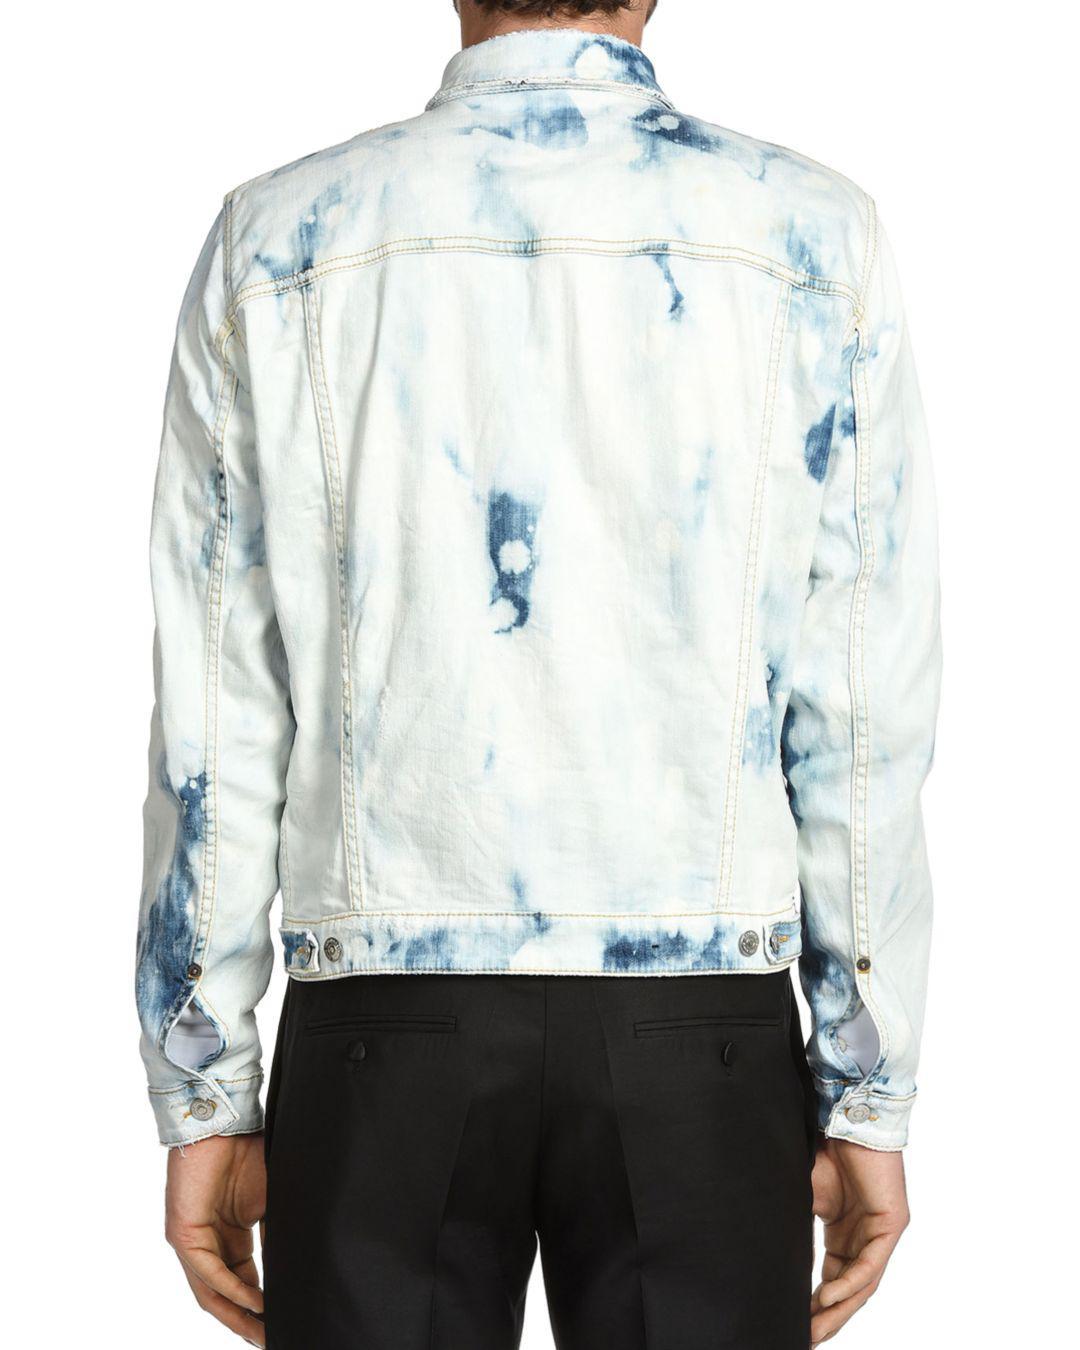 fff00404a24 Lyst - DSquared² Dane Bleached Tie-dye Jean Jacket in Blue for Men